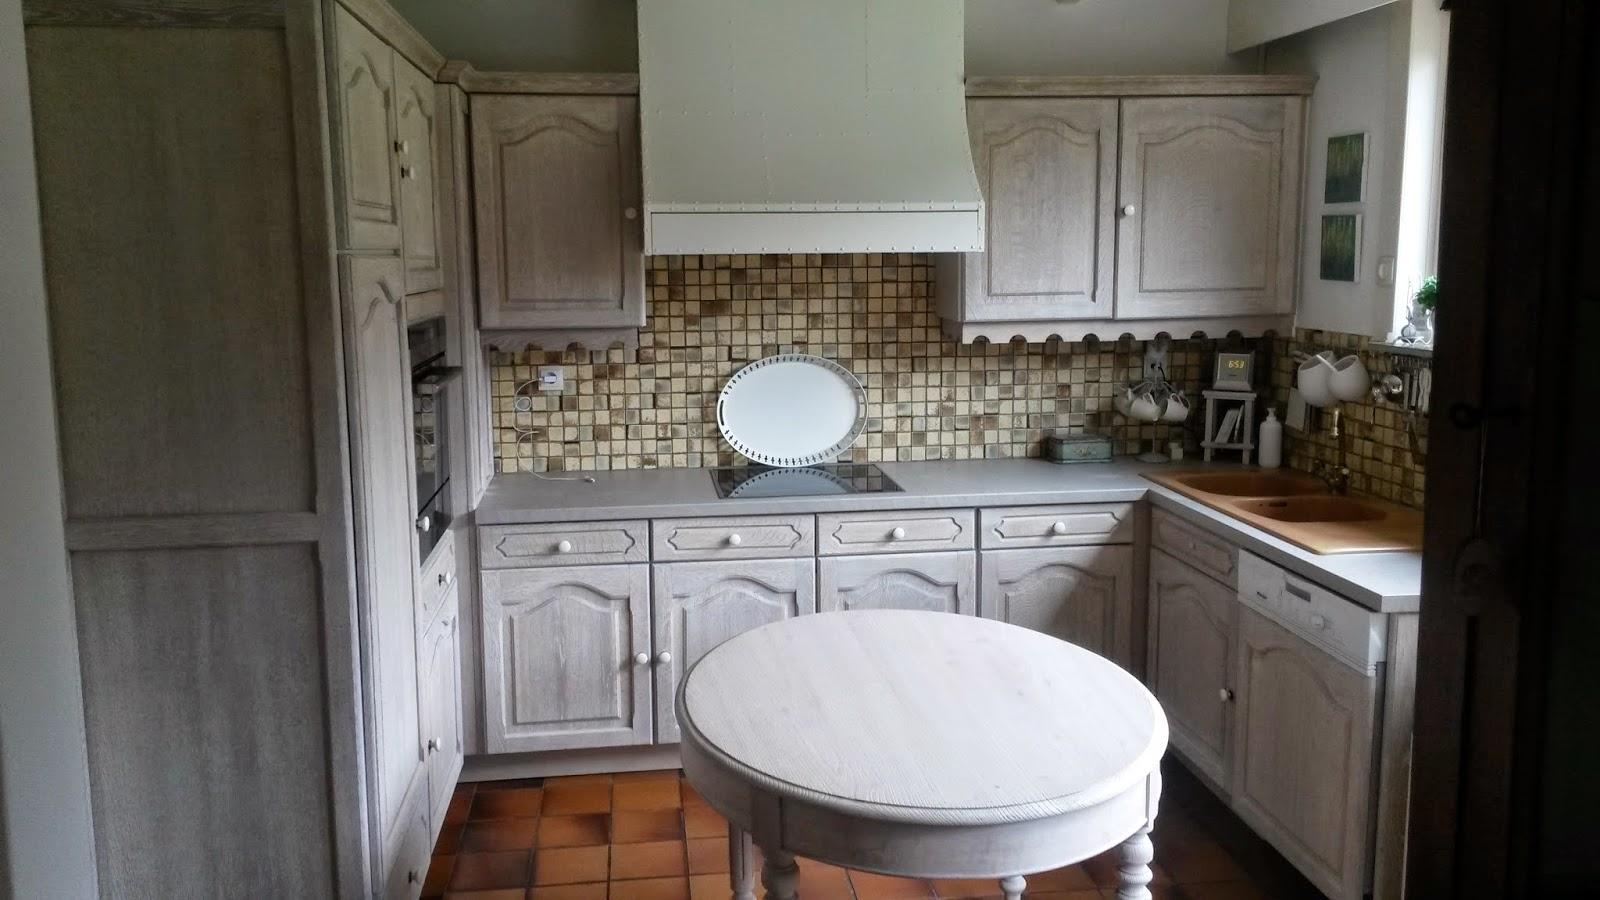 Eiken Keuken Schilderen : Renovatie van eiken keukens: Renovatie van een eiken keuken te Lauwe